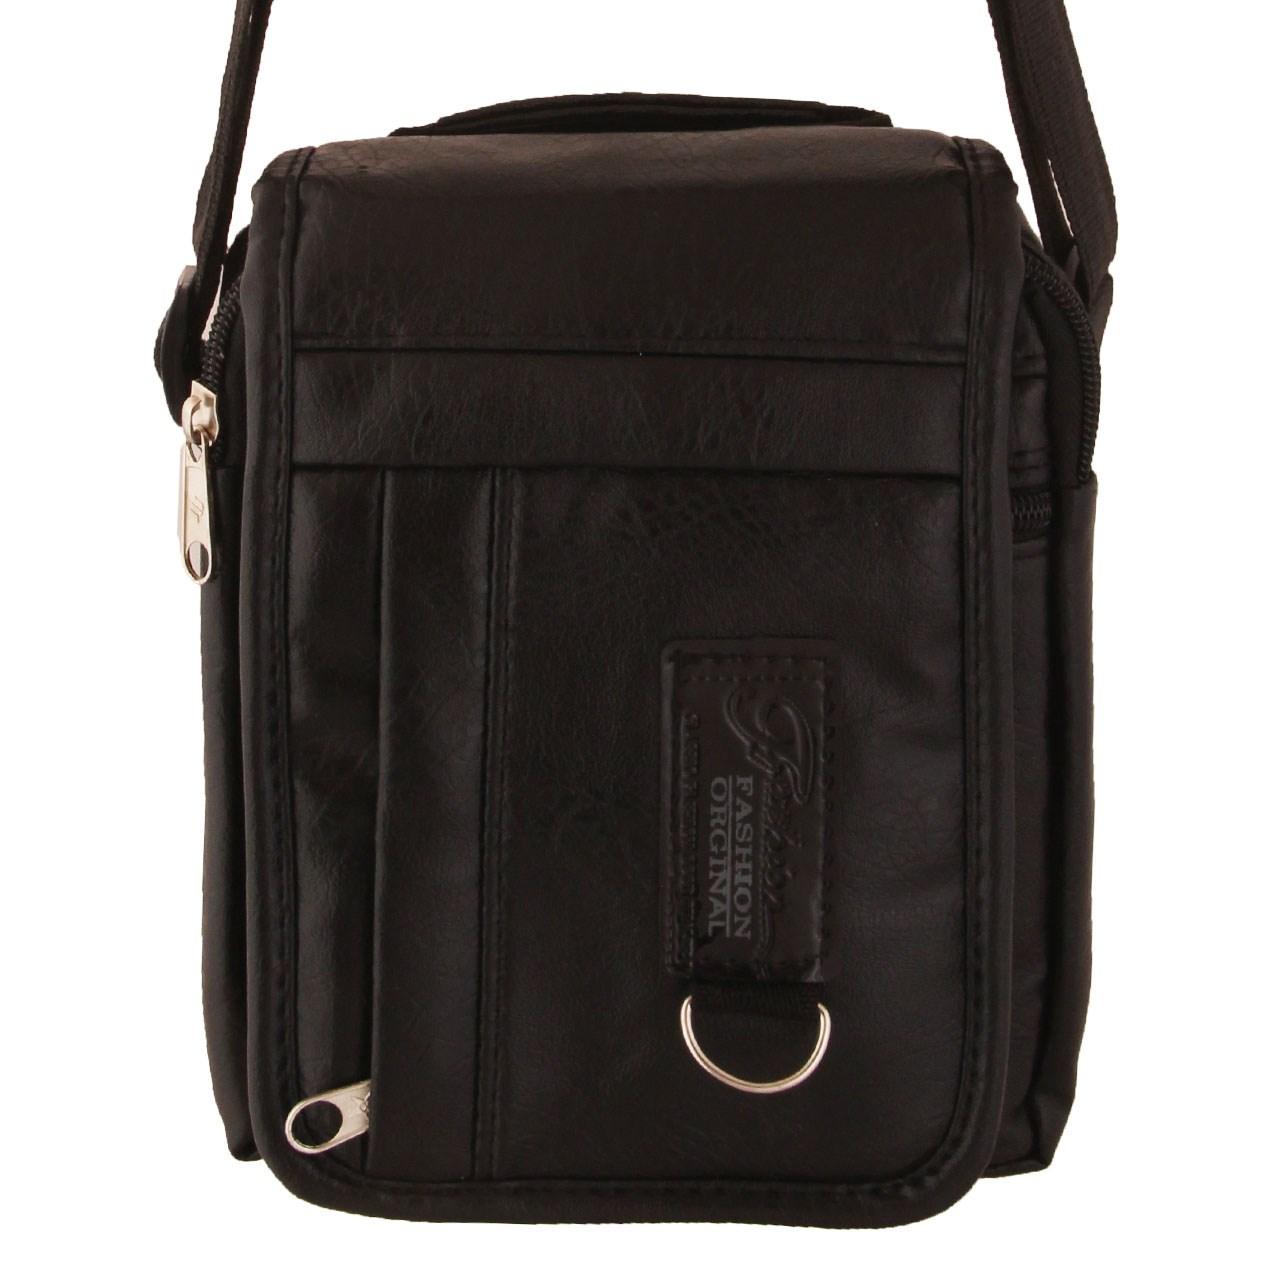 قیمت کیف دوشی دوک مدل 1-3-2099